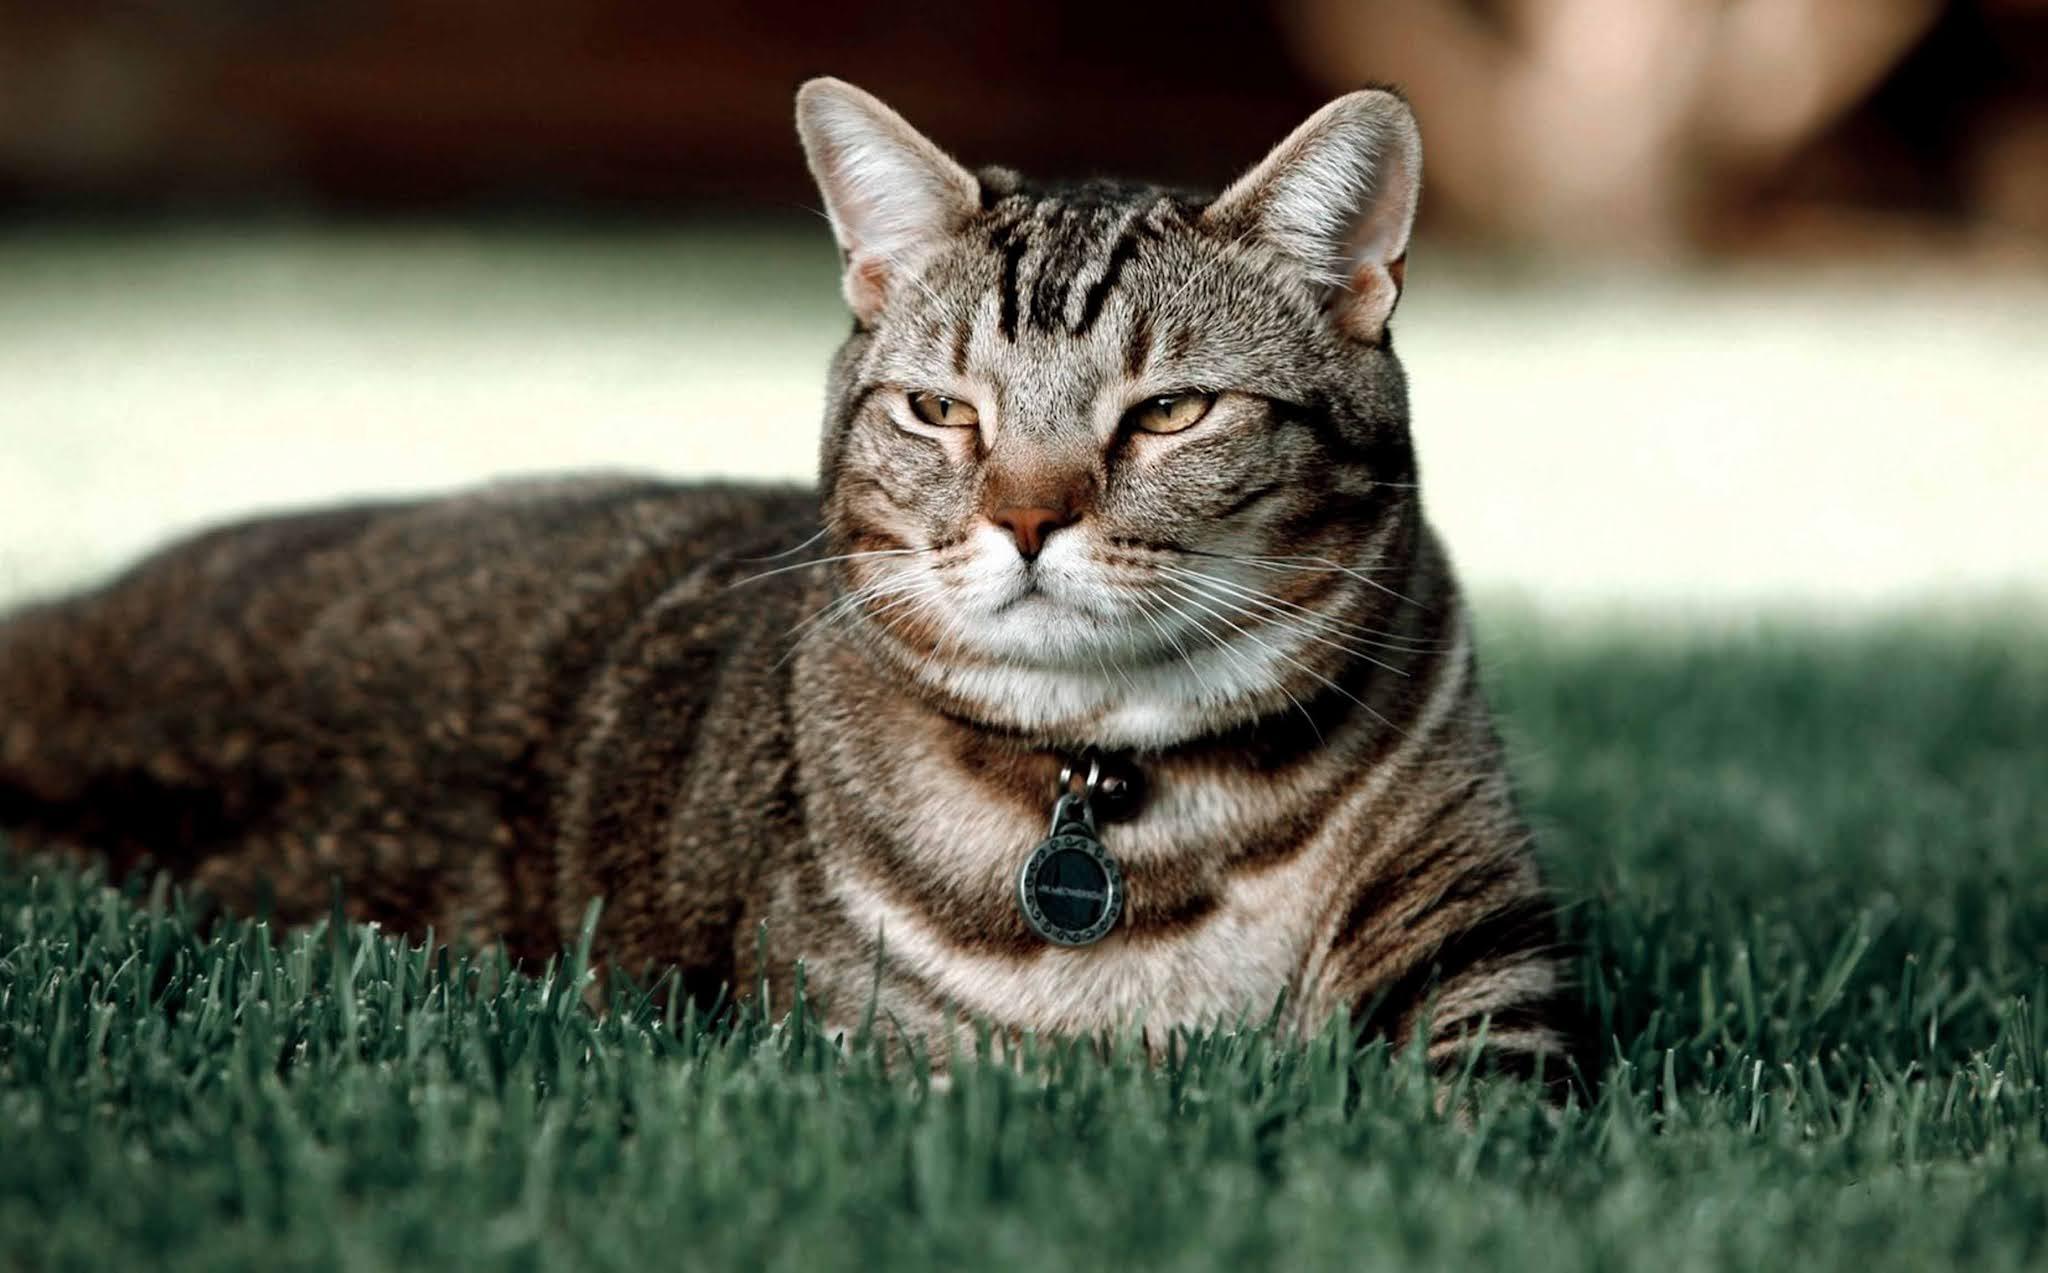 wallpaper image kitten, cat, grass, playful, cute wallpaper, background Ultra HD 4K 5K 8K for Computer Desktop or Laptop